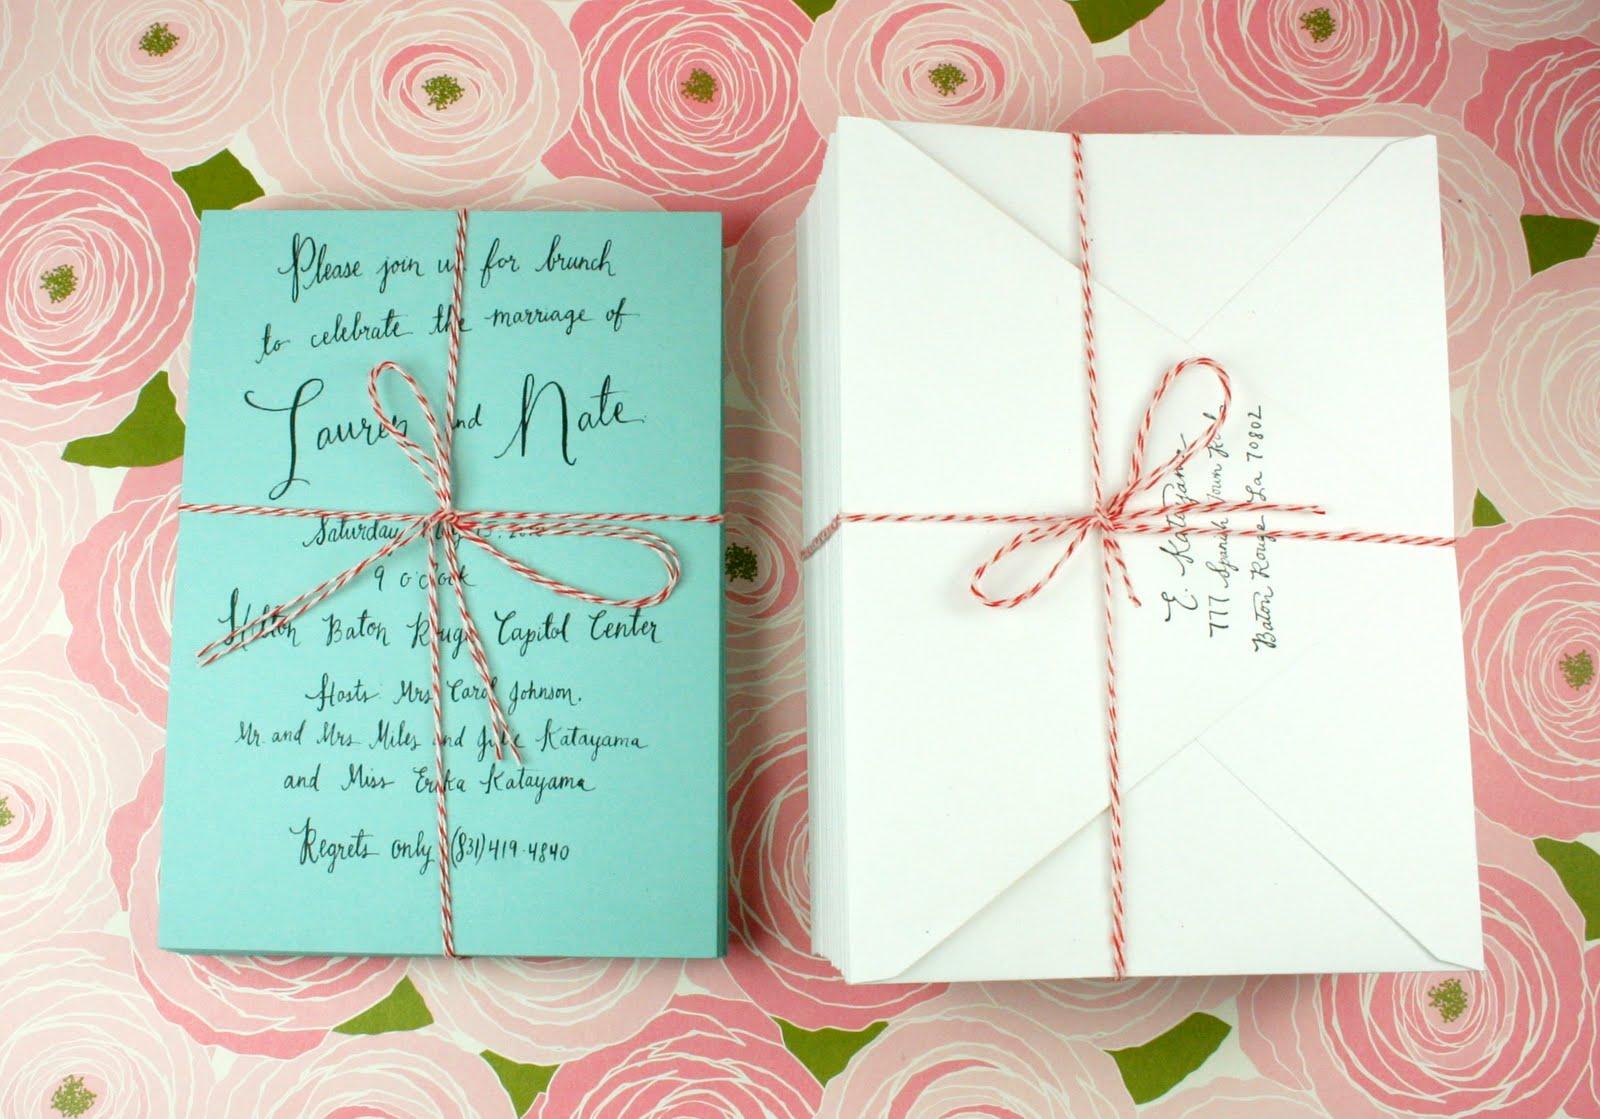 Post Wedding Brunch Invitation Wording: Paper Pastries: Wedding Brunch Invite